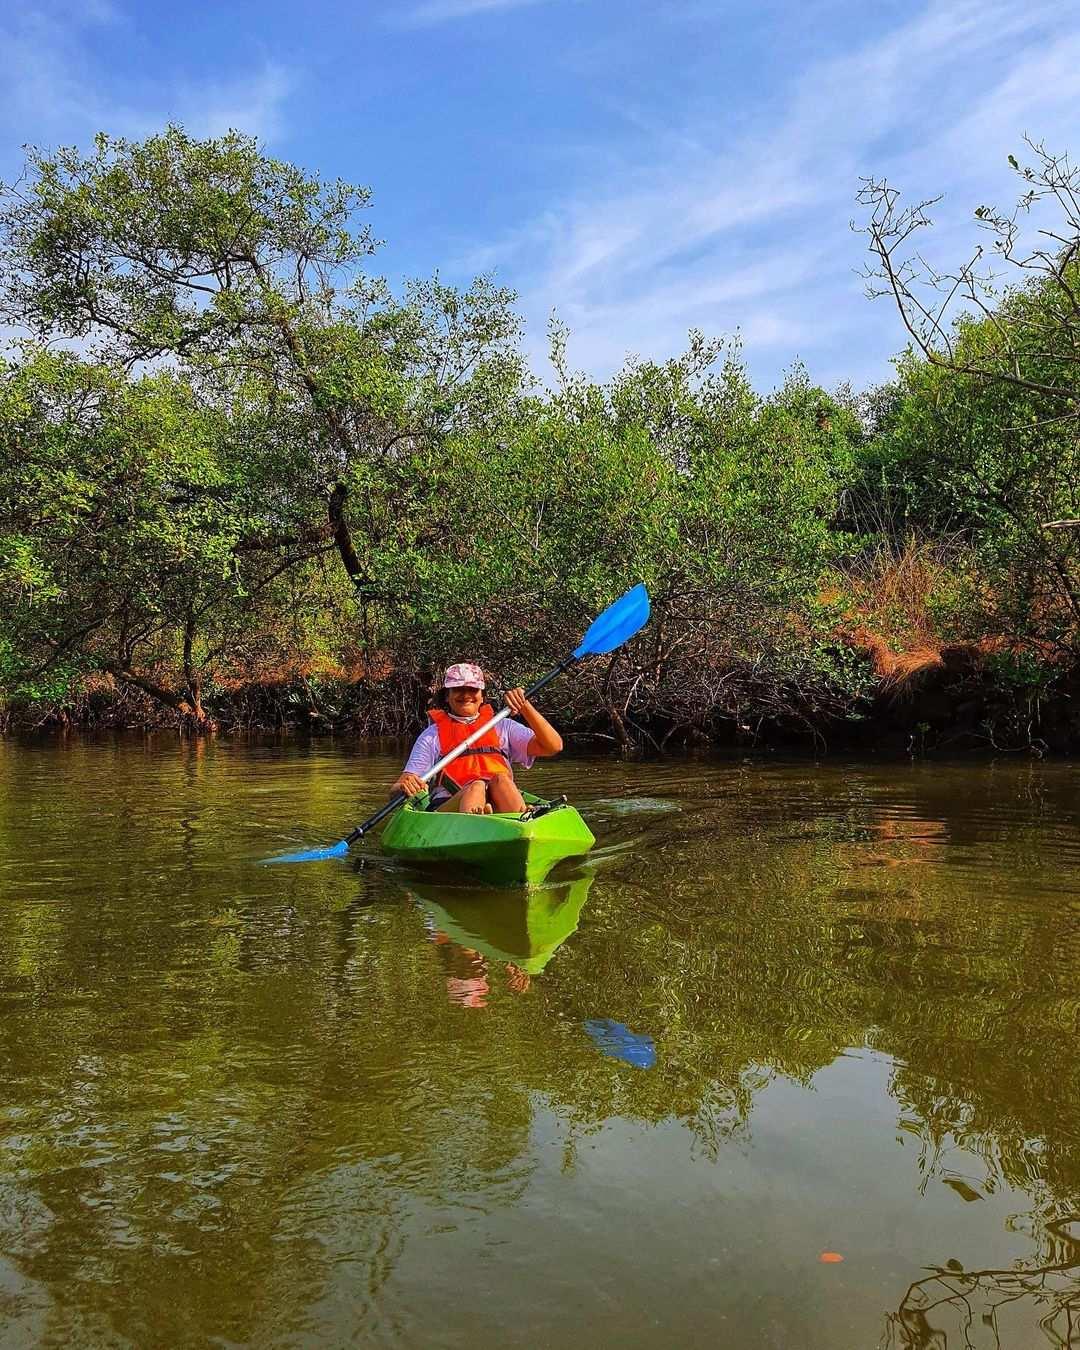 Bermain Cano Di Hutan Mangrove PIK Image From @igphotographer1